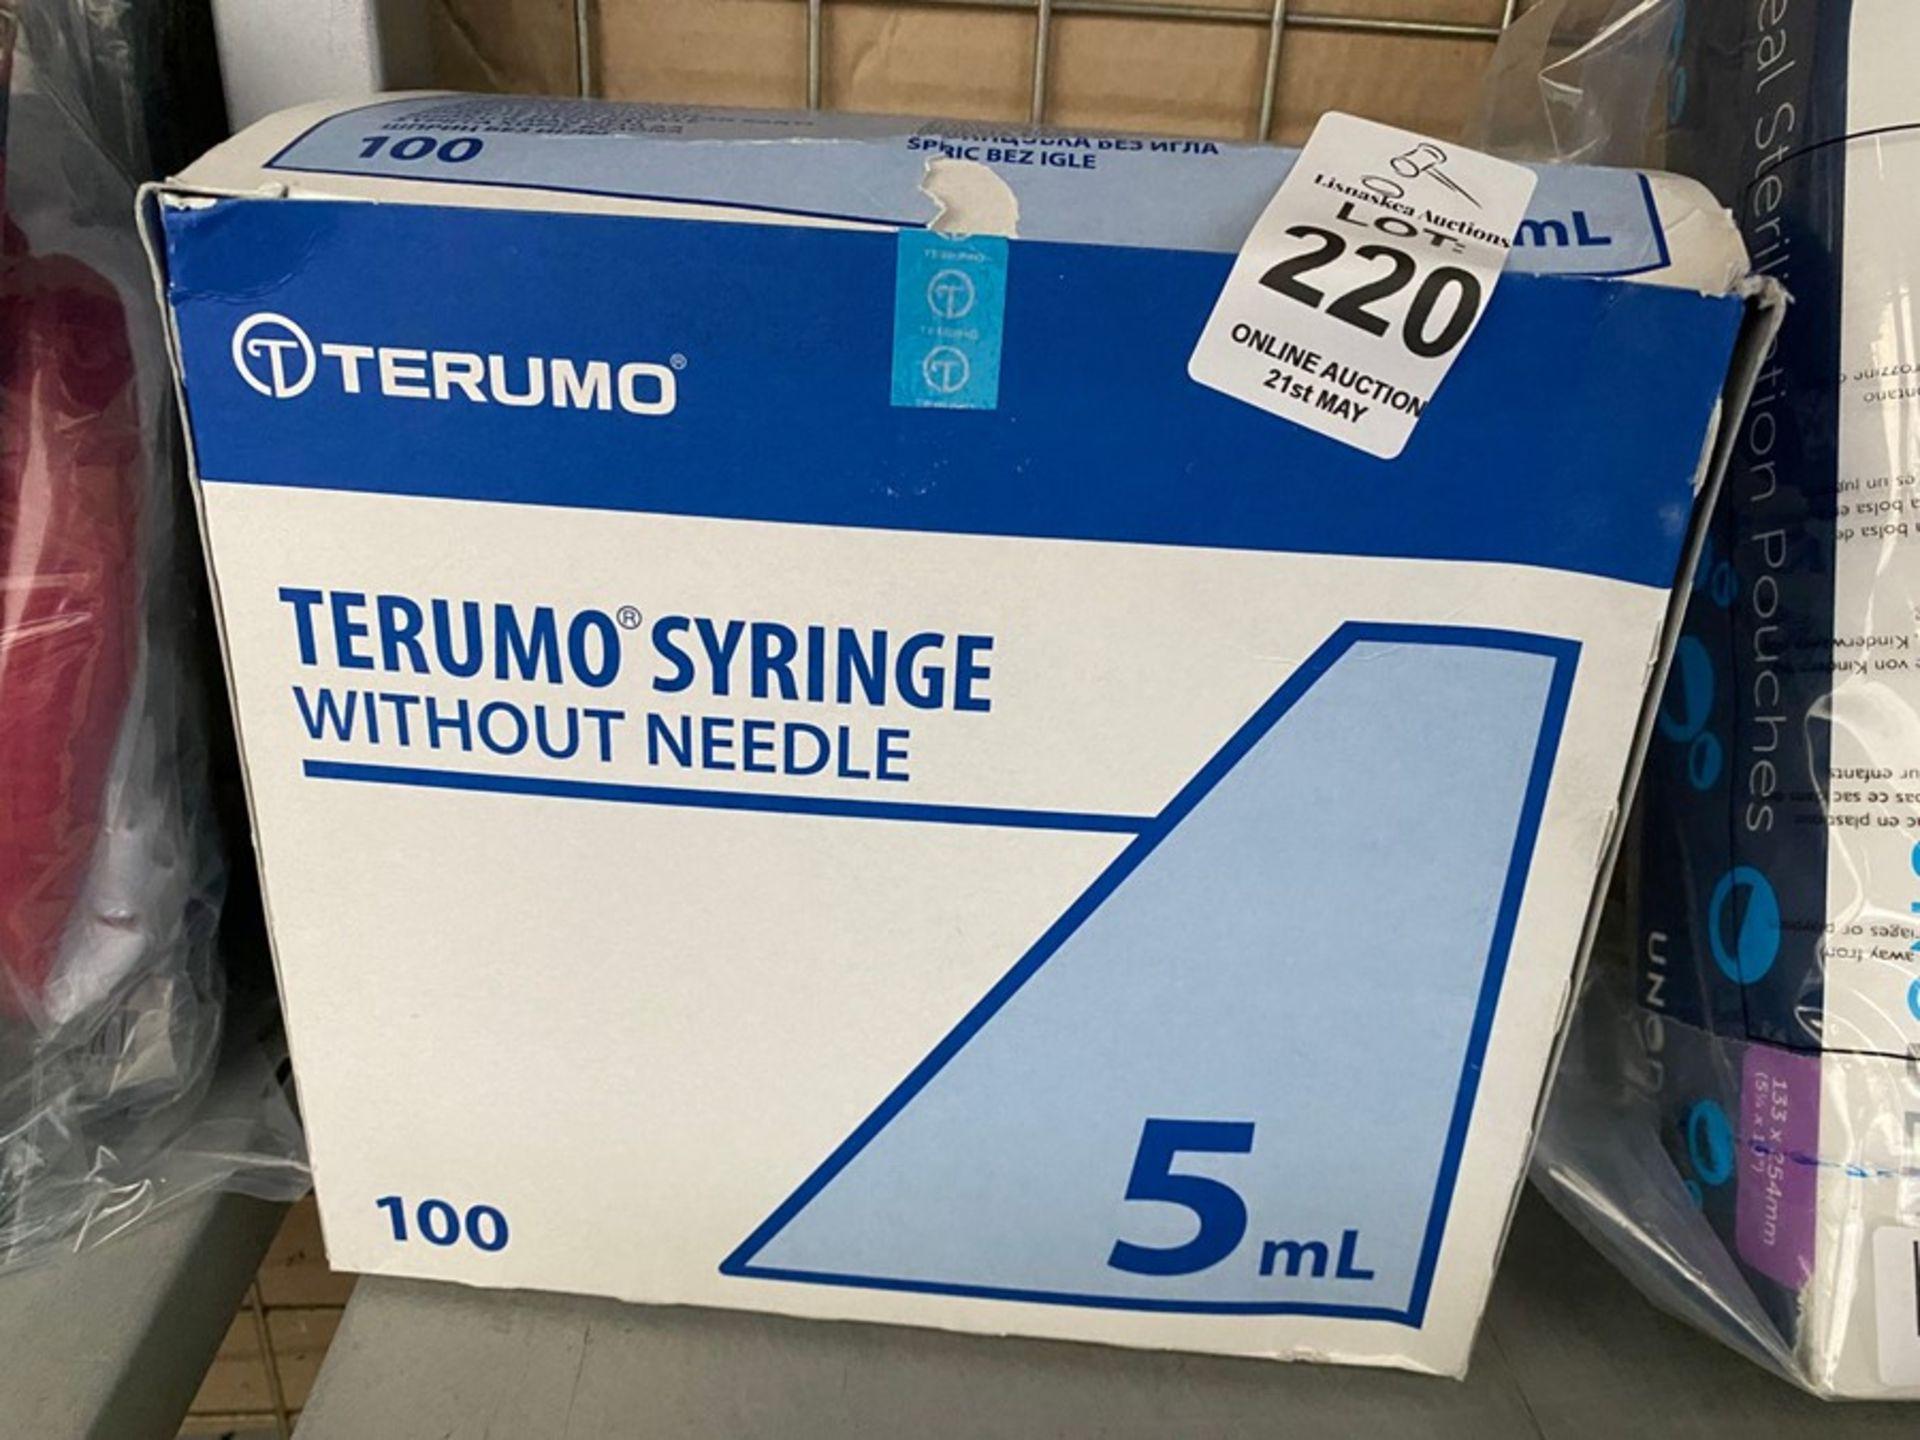 Lot 220 - TERUMO SYRINGES (5ML) WITHOUT NEEDLES